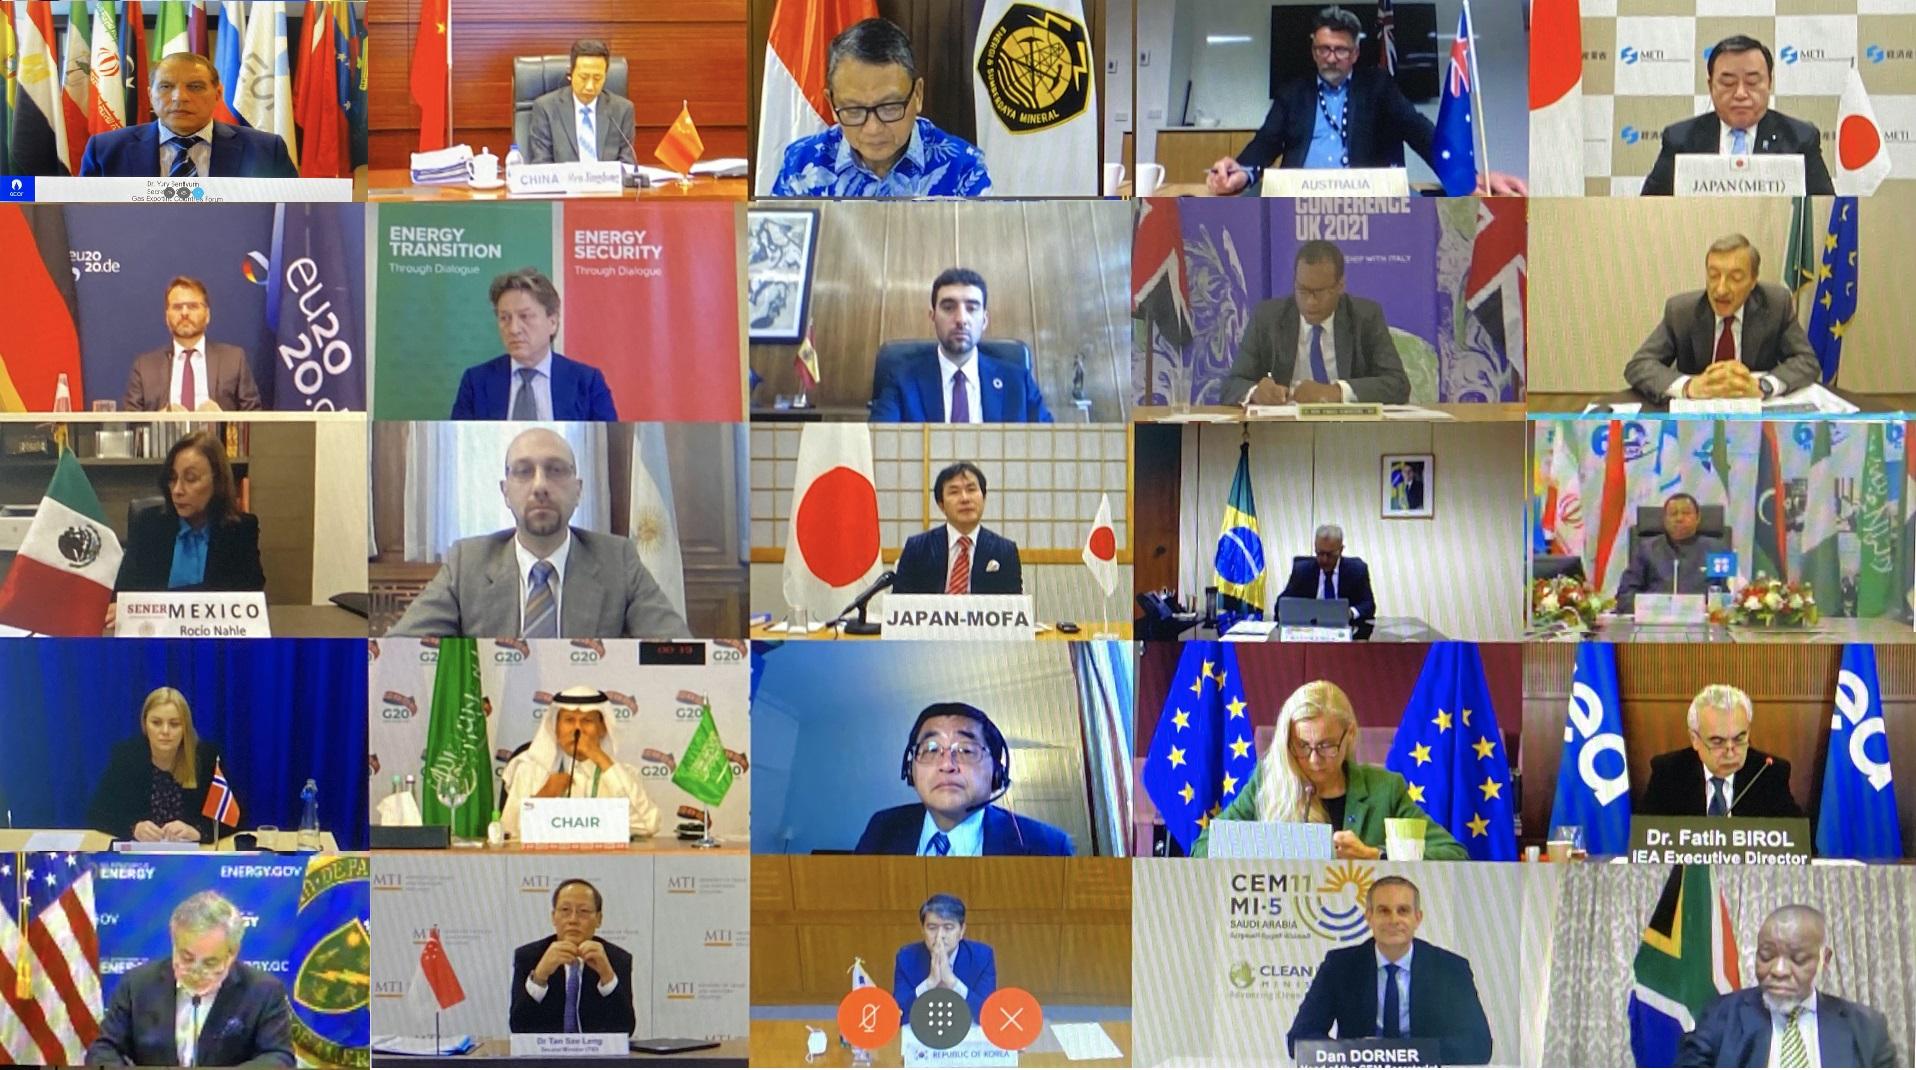 El G20 se reúne. La justicia de la deuda es nuestra exigencia